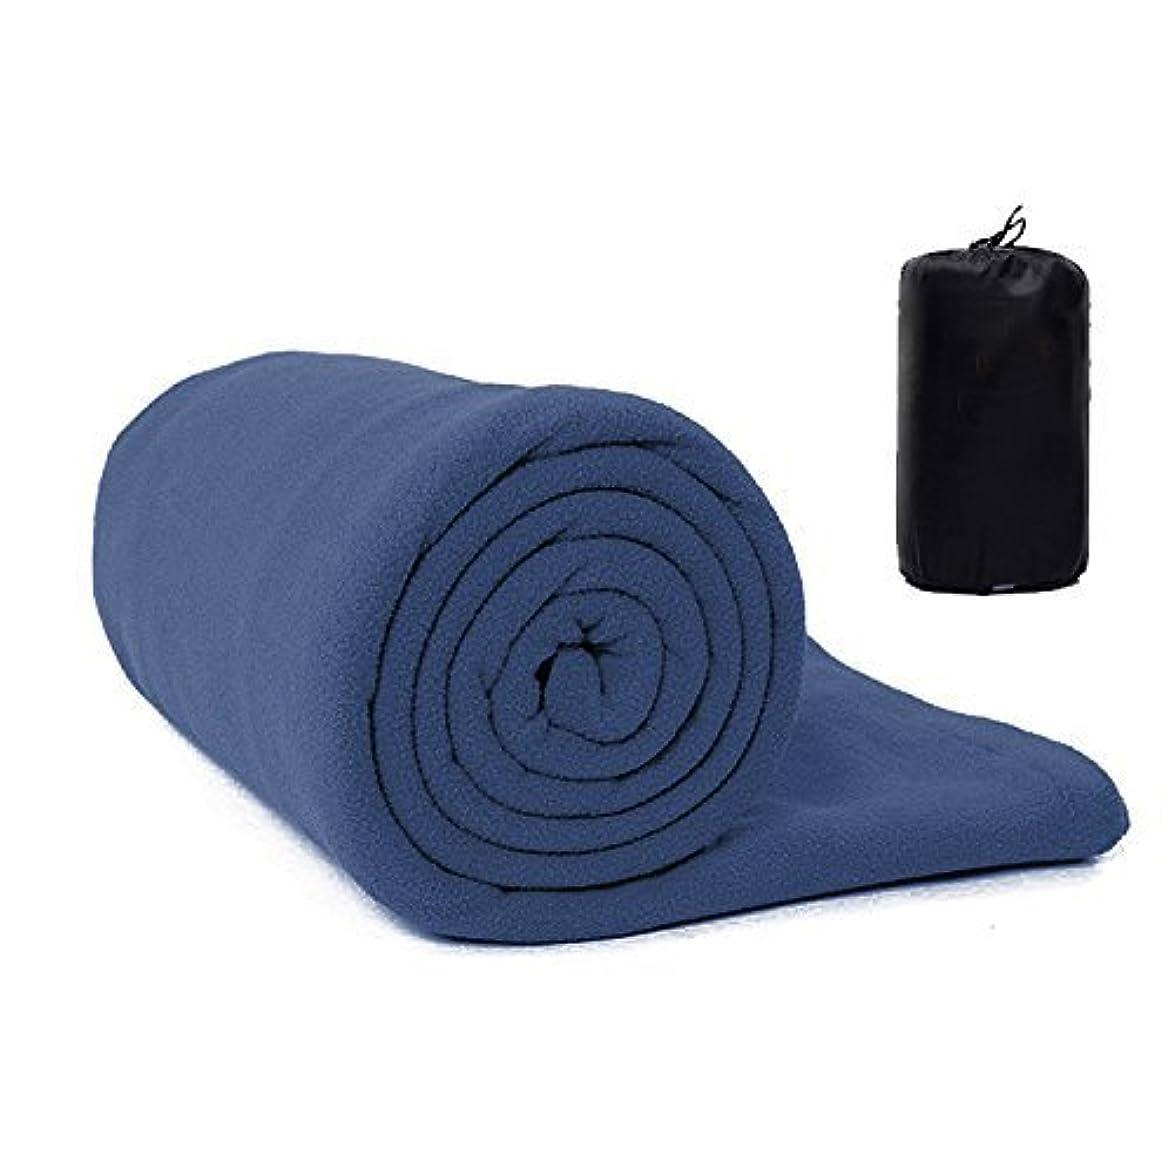 環境保護主義者身元テスピアン寝袋 シュラフ スリーピングバッグ マミー型/封筒型 連結可能 羽毛寝袋/フリース寝袋 収納袋付き